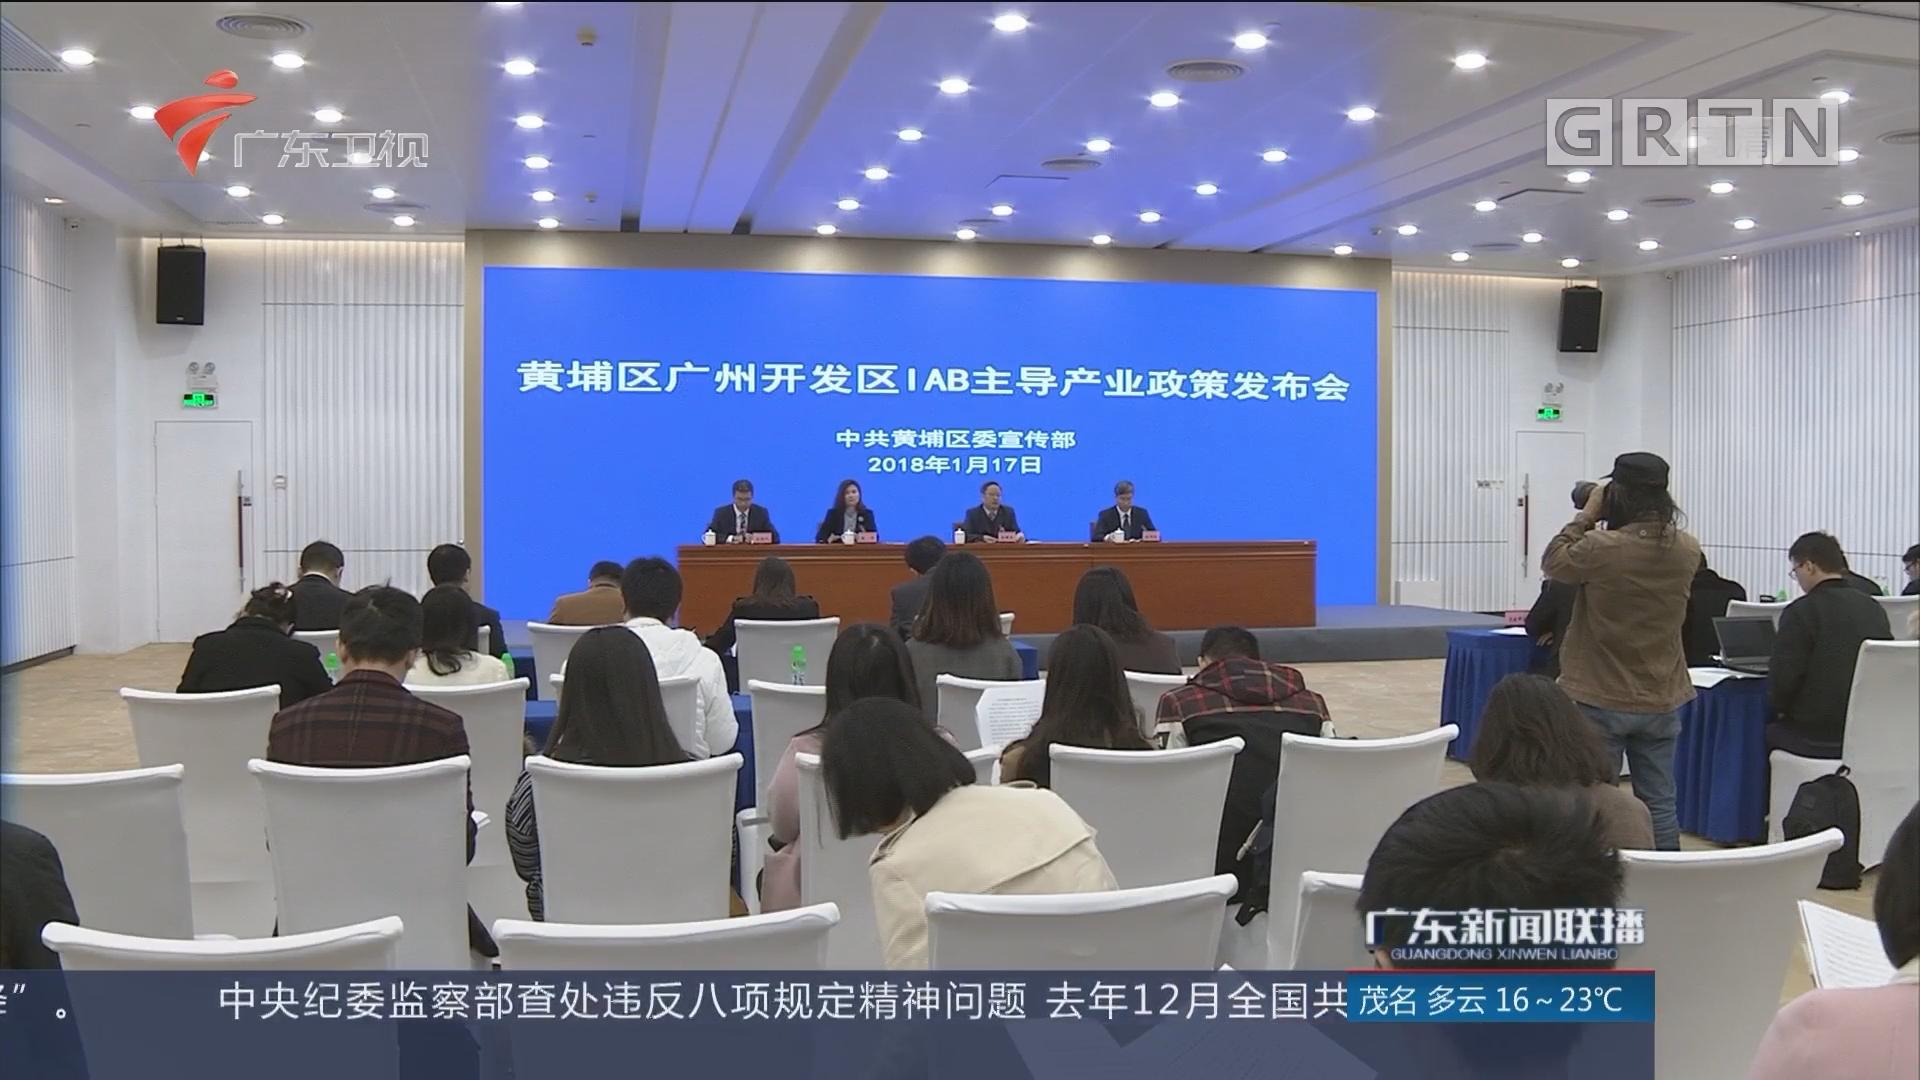 广州黄埔区广州开发区 全国率先发布IAB主导产业政策